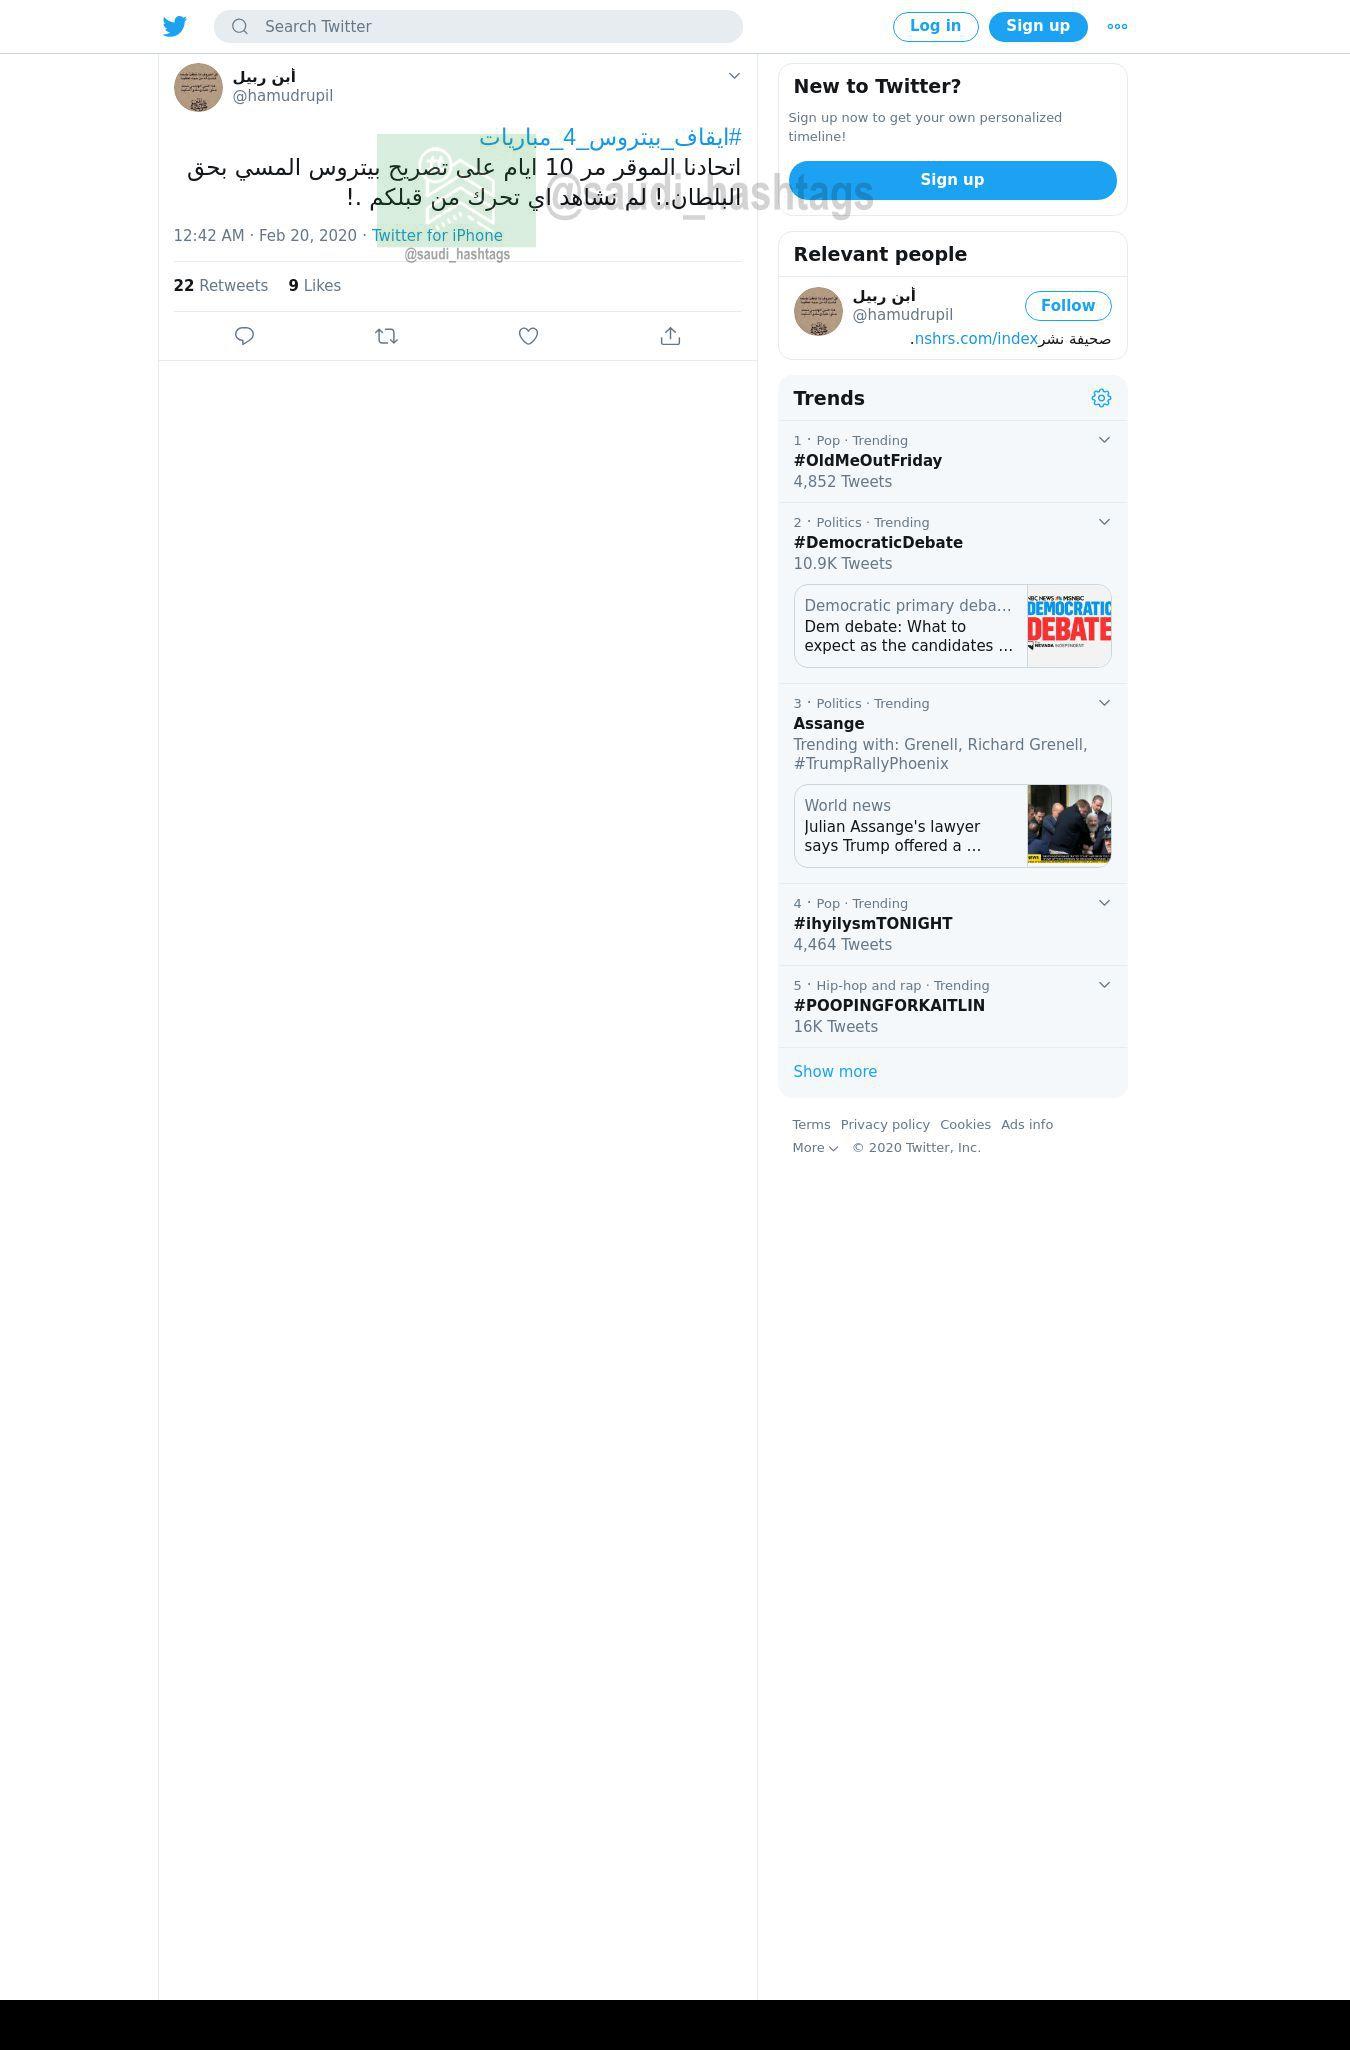 لقطة لاول تغريدة في هاشتاق #ايقاف_بيتروس_4_مباريات